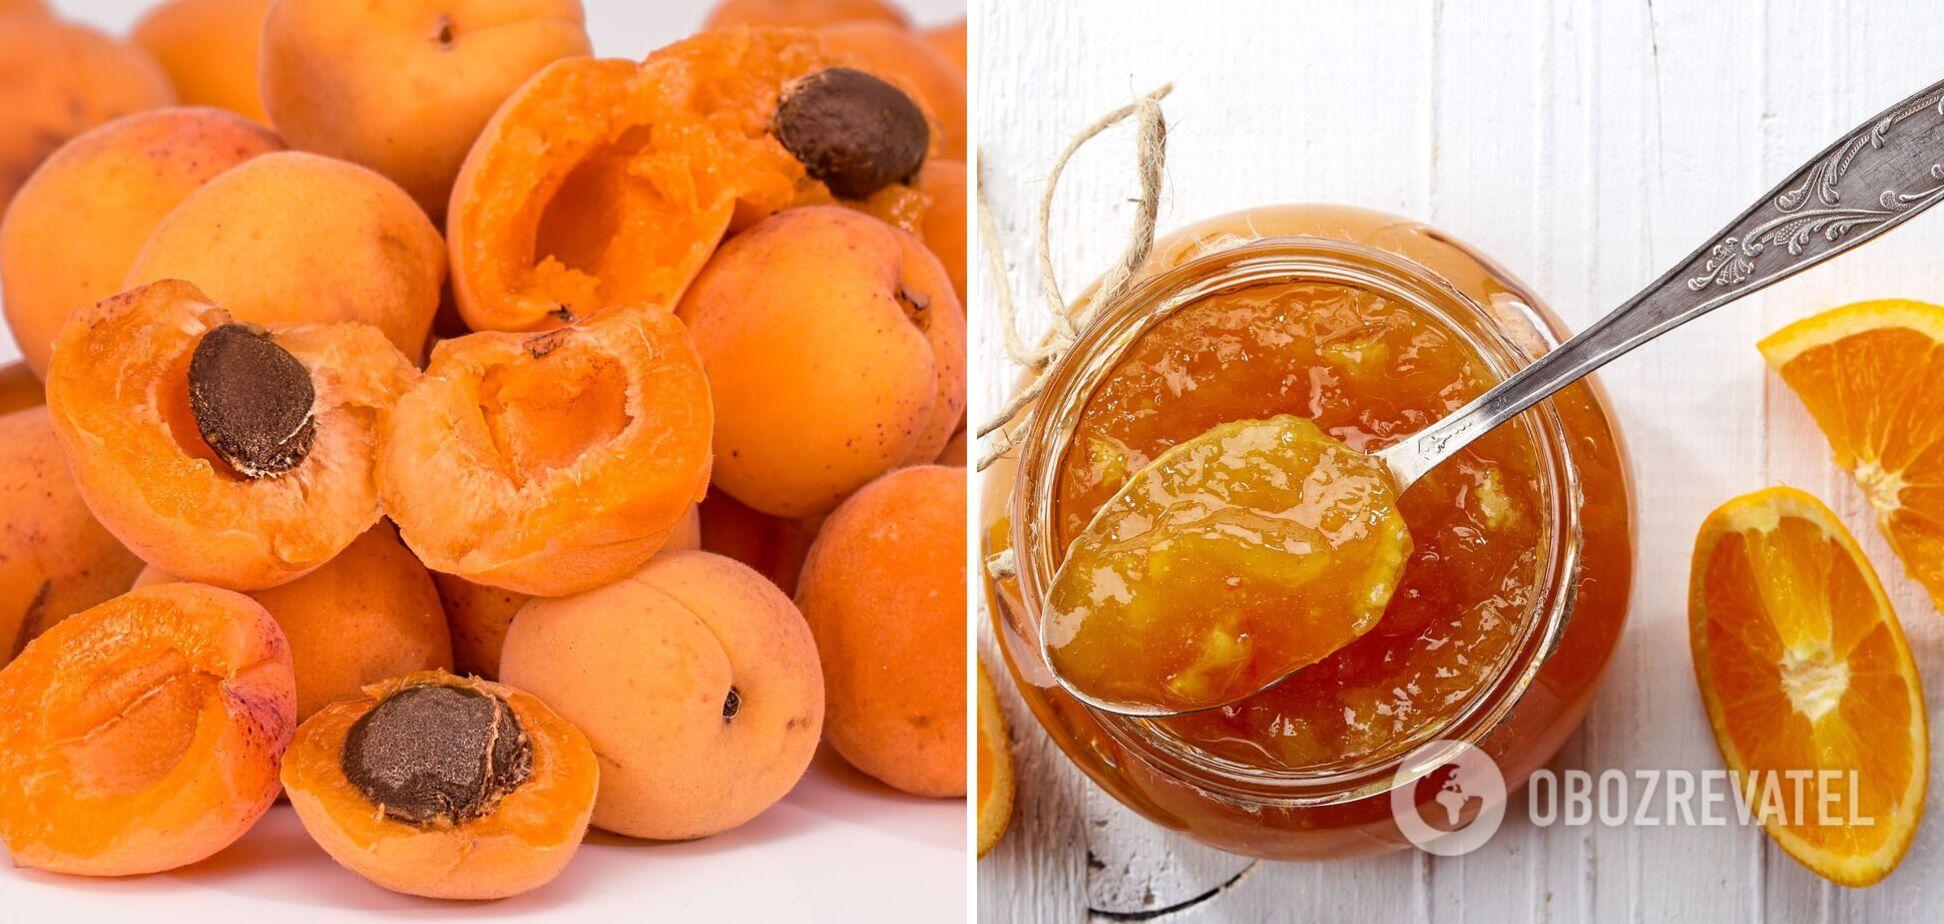 Как дома сварить вкусное абрикосовое варенье с апельсинами